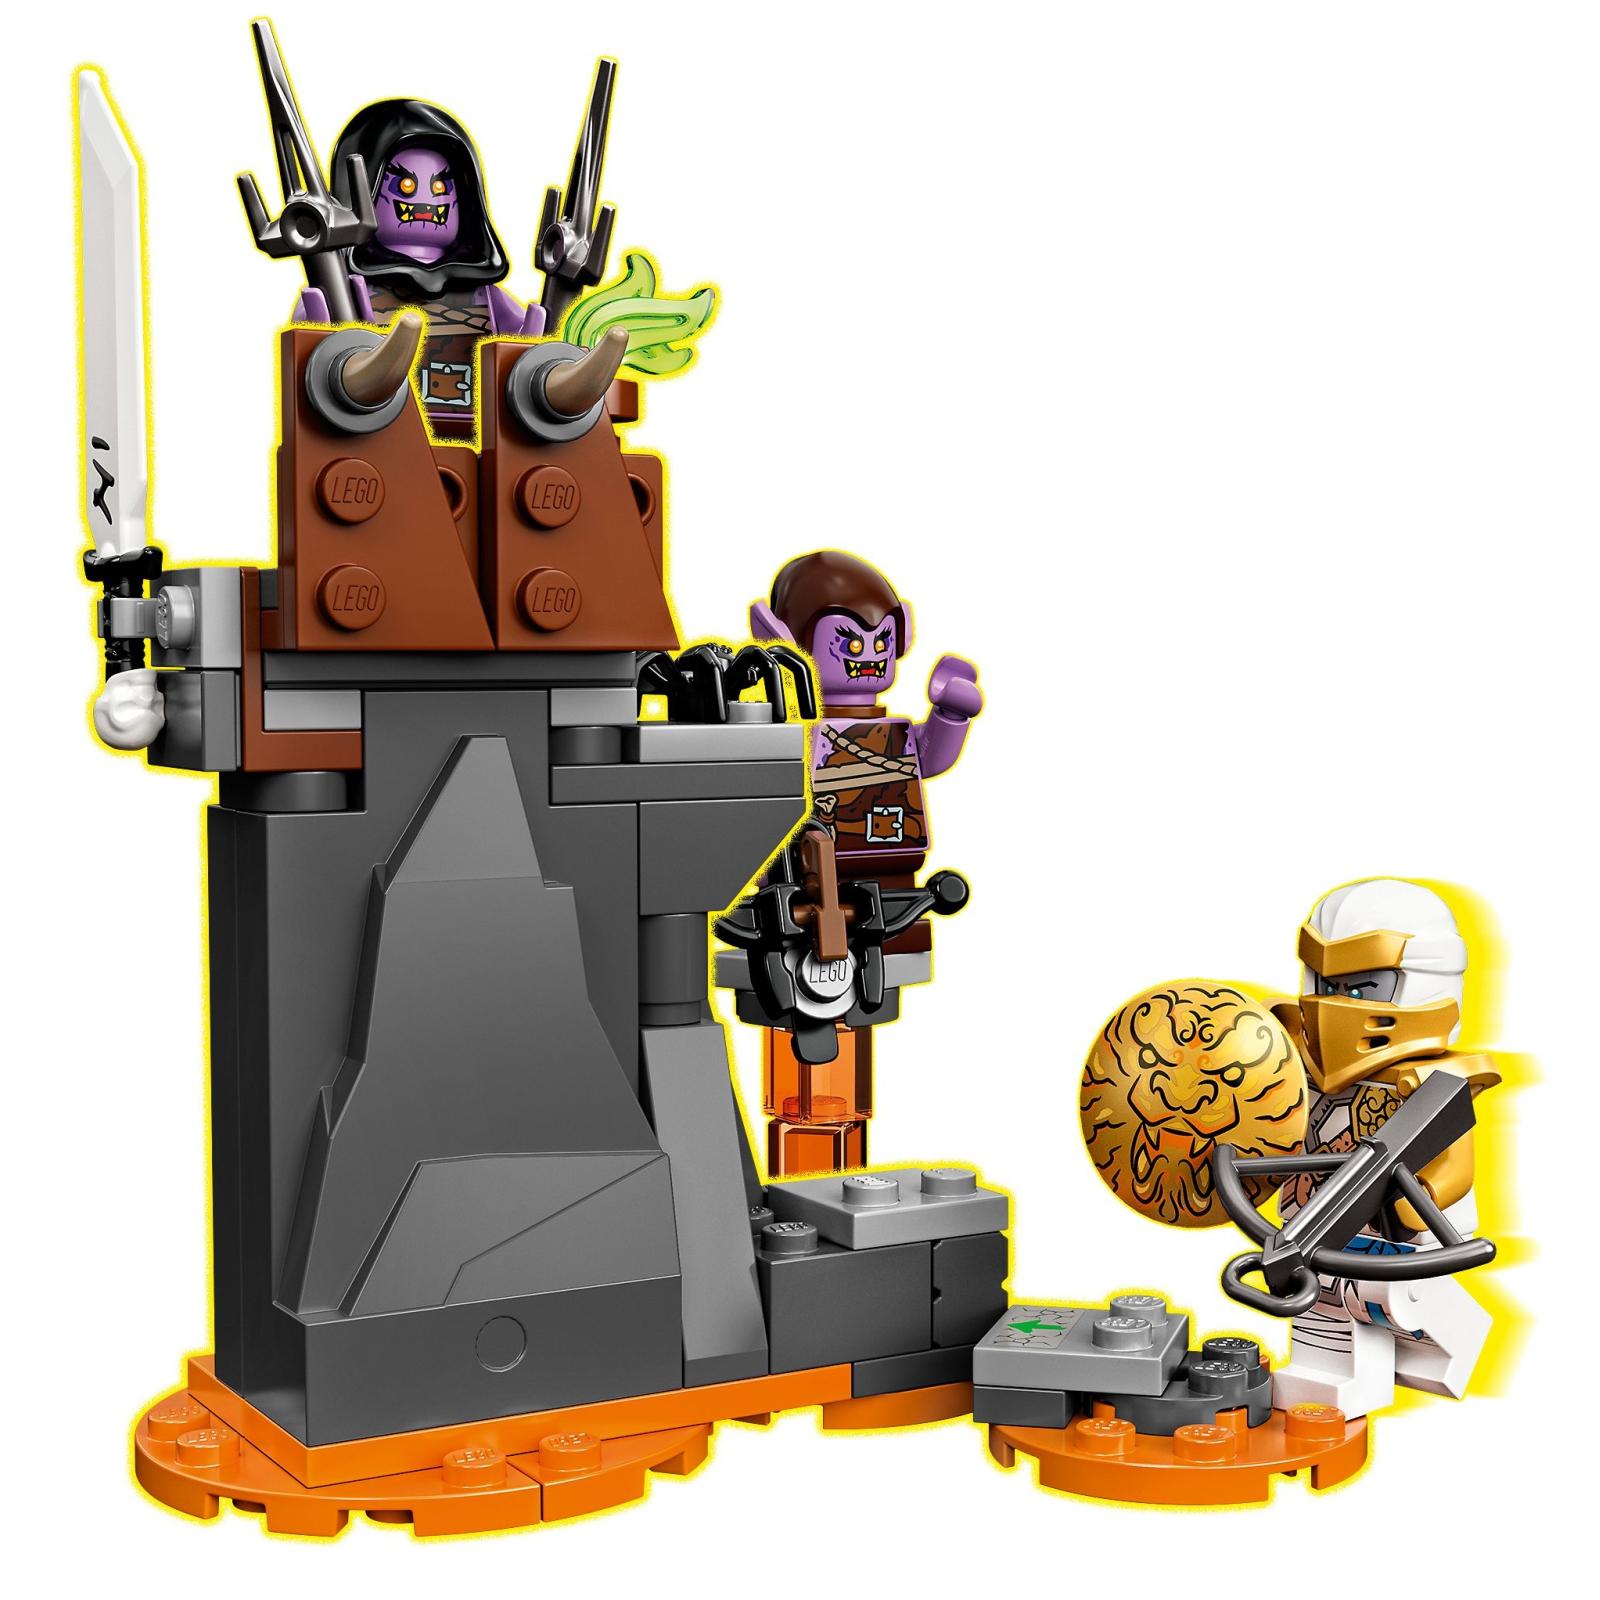 Конструктор LEGO Ninjago Бронированный носорог Зейна 616 деталей (71719) изображение 5